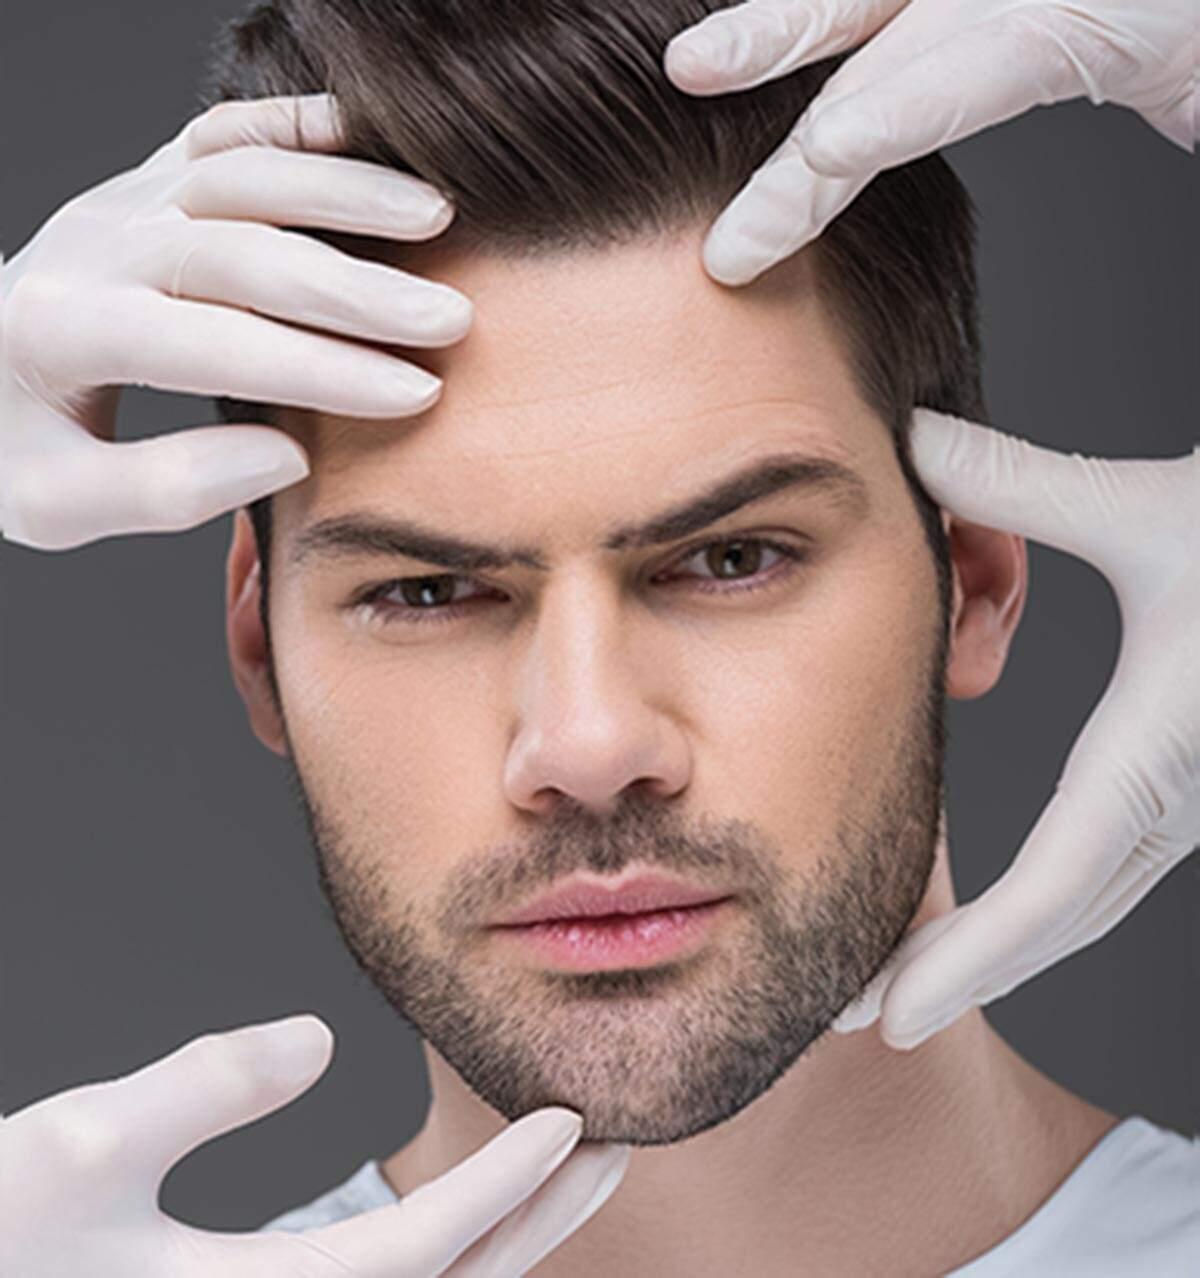 Barba torna-se ferramenta de resgate da autoestima masculina